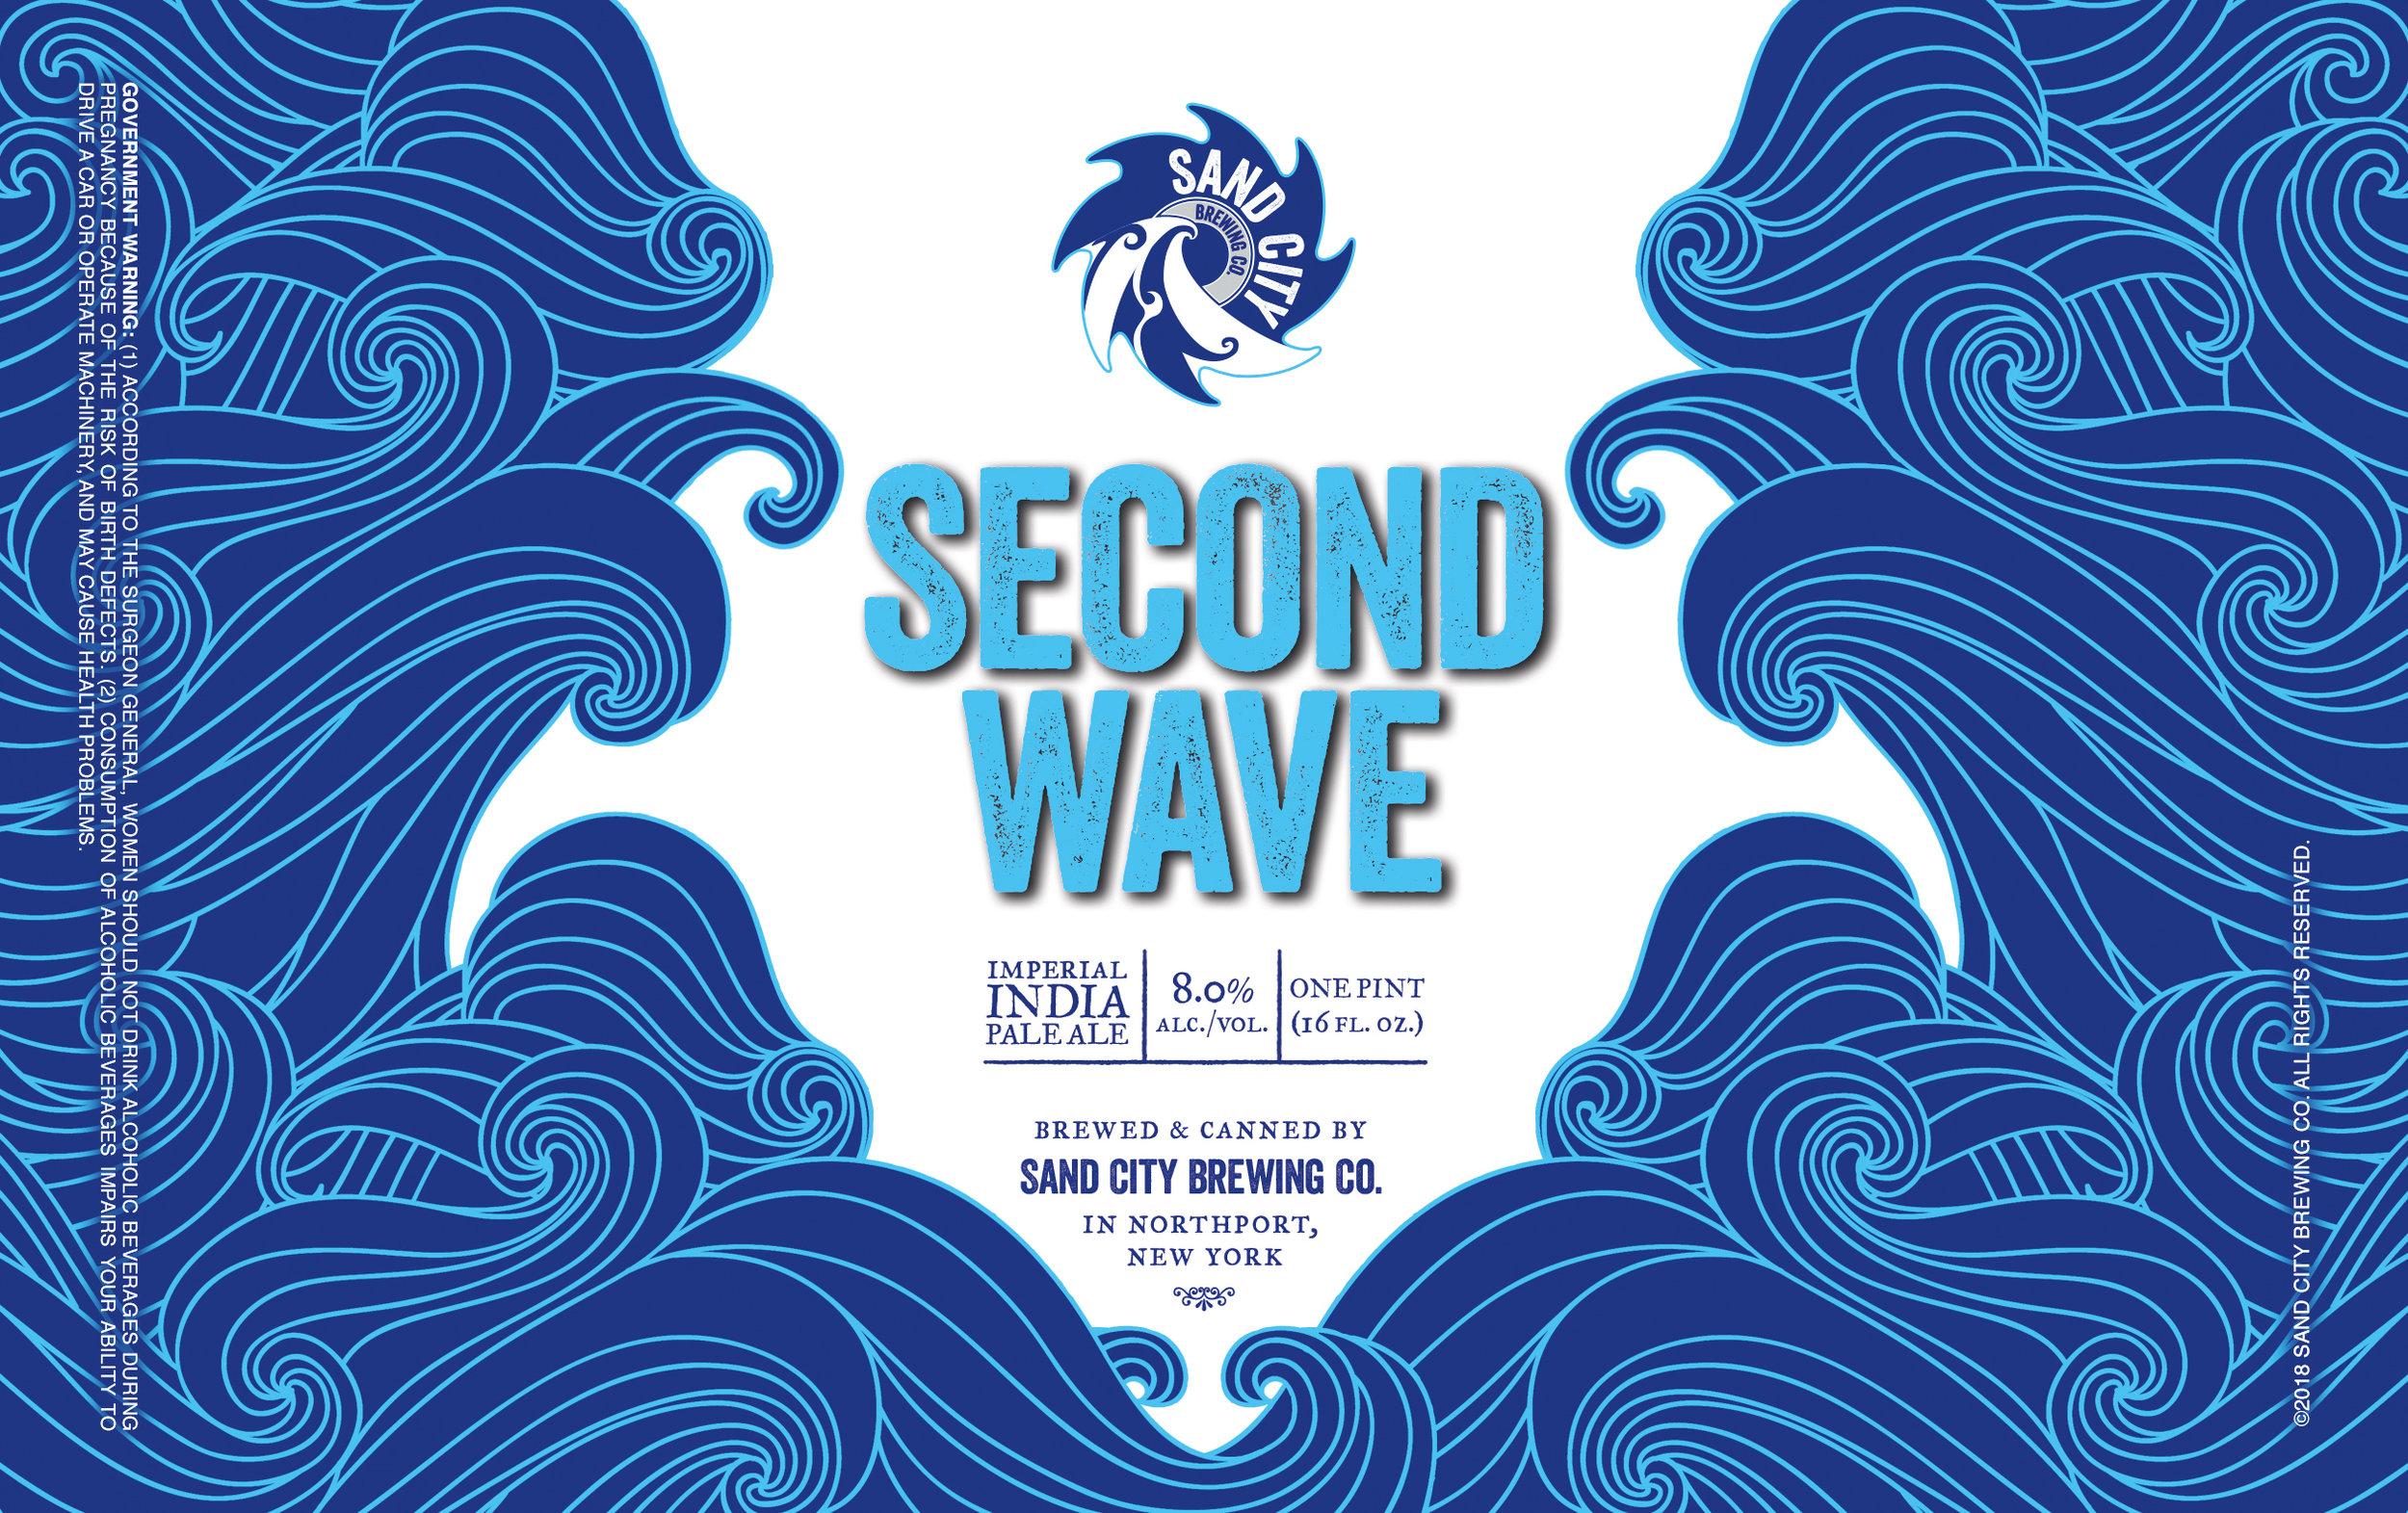 SECOND WAVE_16floz can_FINAL - flat - 12-6-2017.JPG